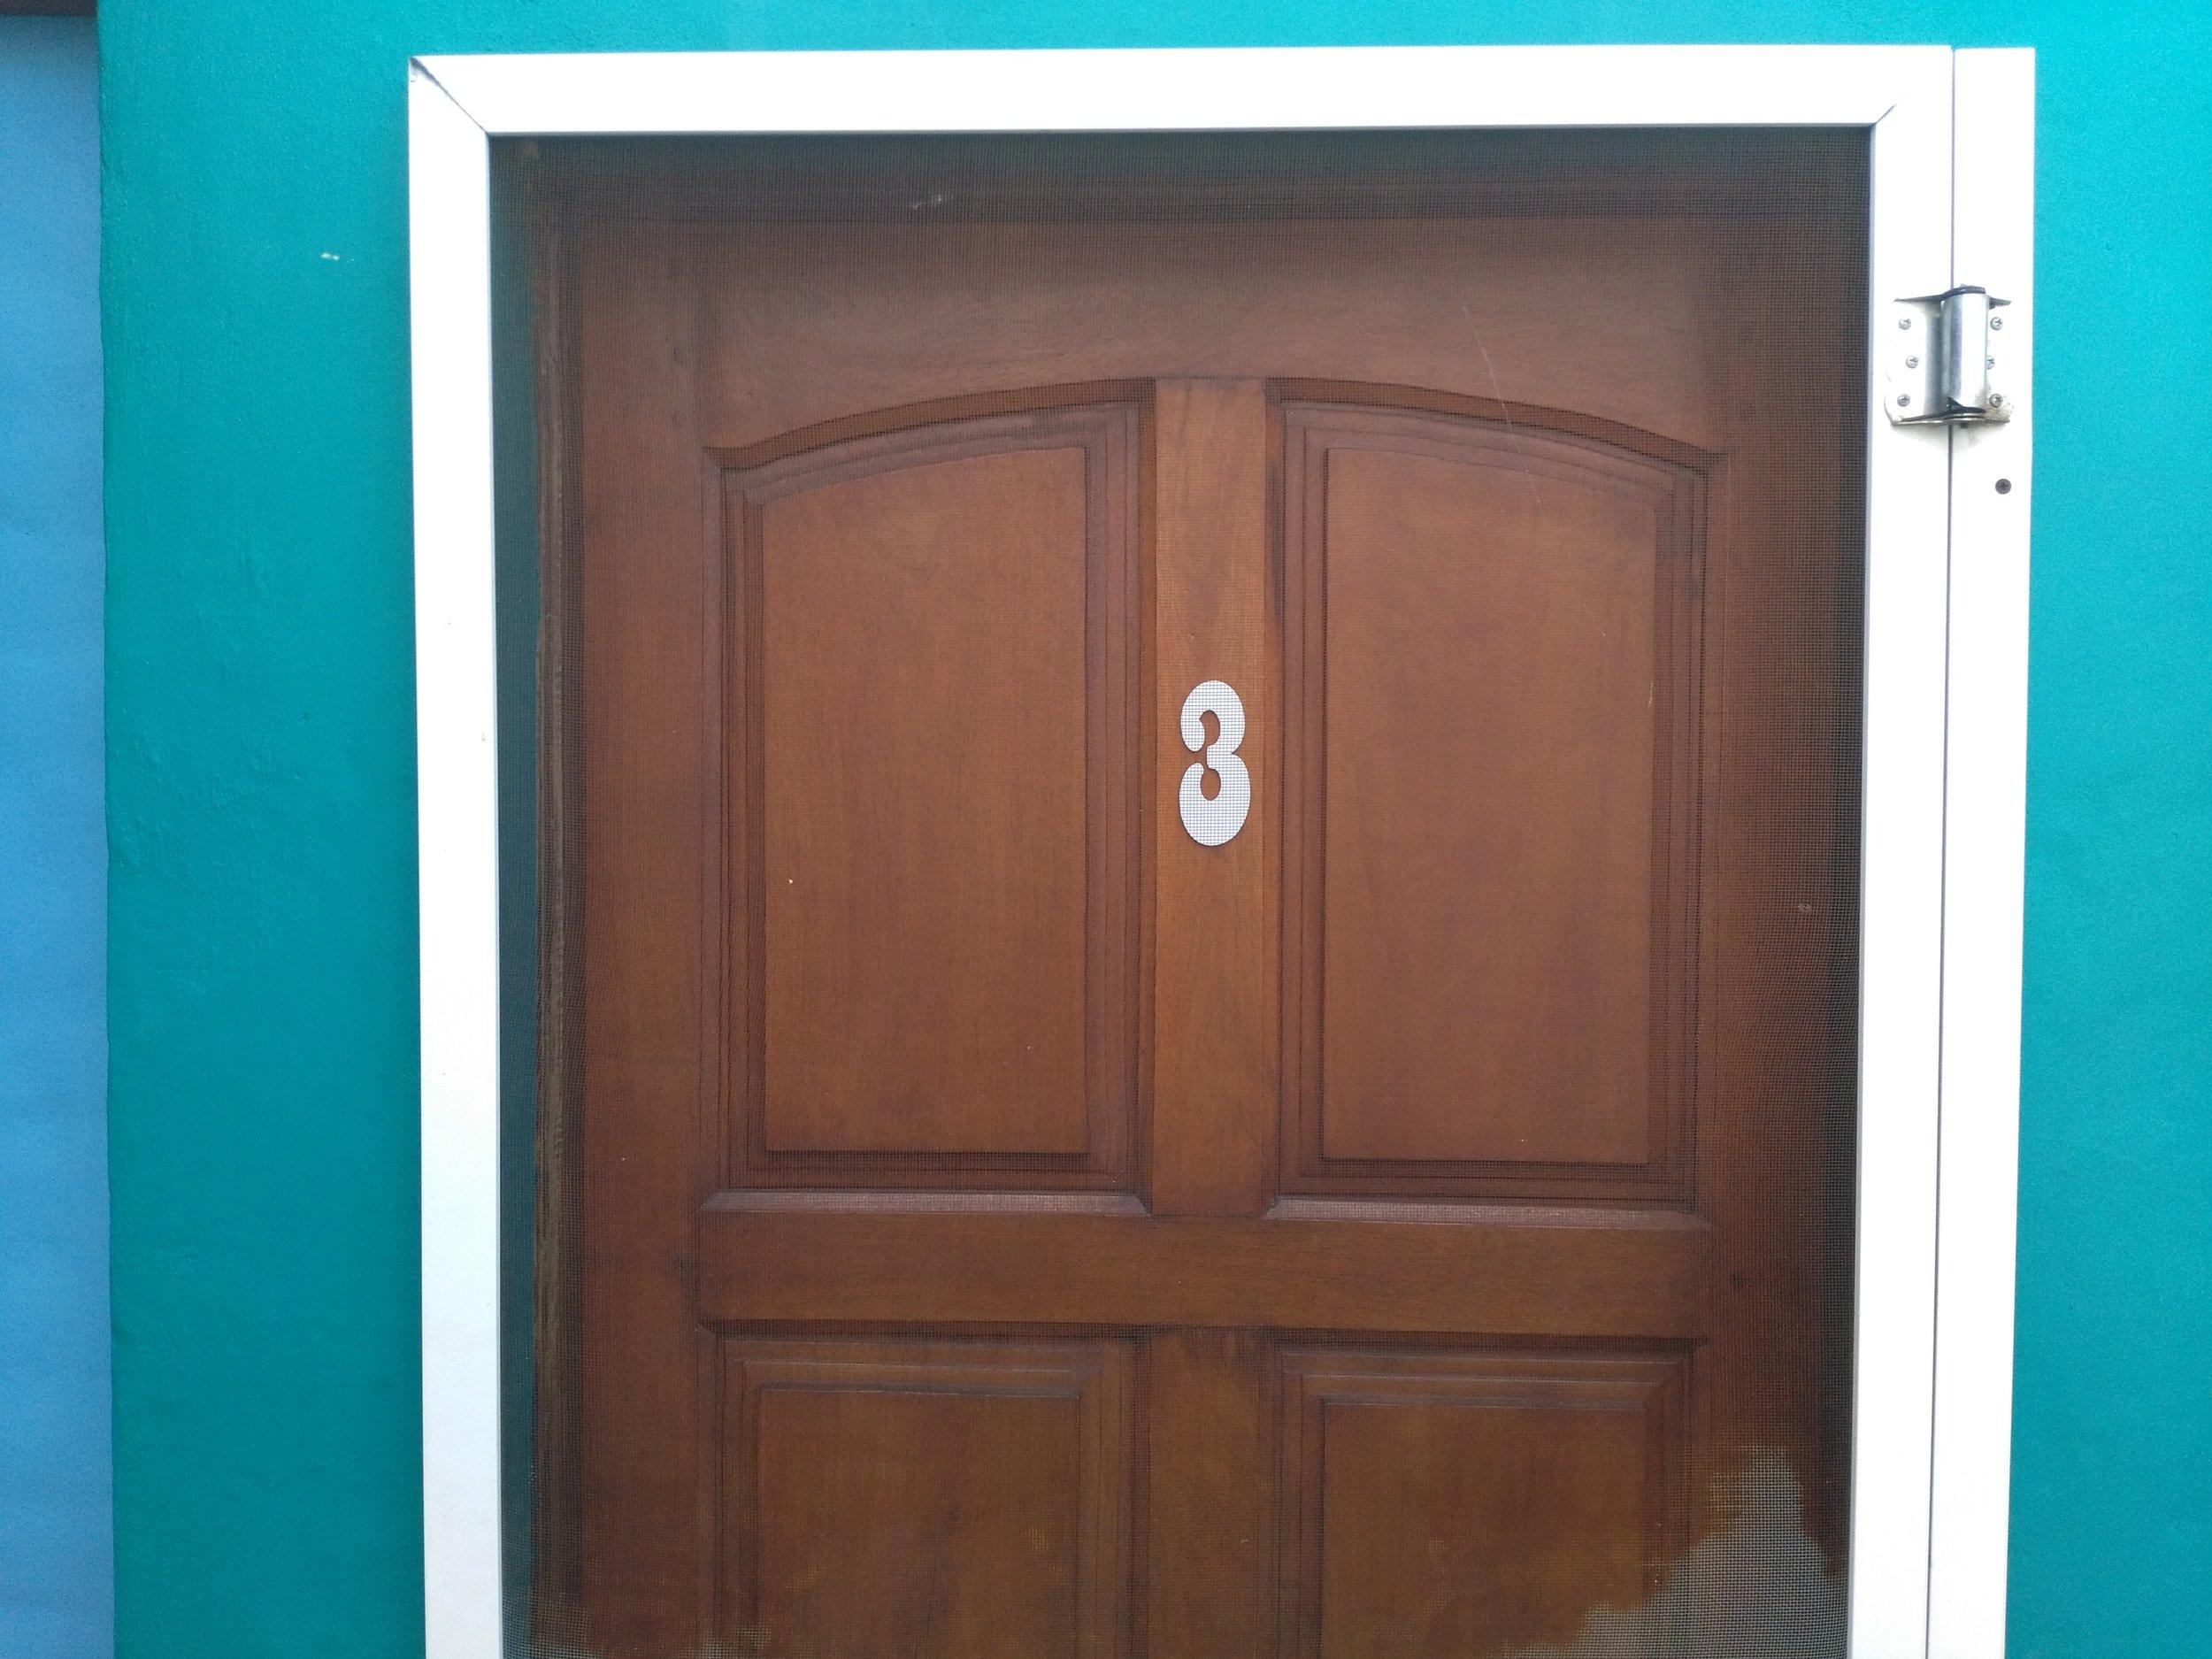 #3 El Hogar - 6 PersonasEl Hogar es la cabaña mas acogedora para familias. Tiene 3 ambientes amplios y luminosos. Nuestro hogar tiene una habitación con cama doble y otra con cuatro camas simples. También tiene cocina-comedor, baño y antebaño.